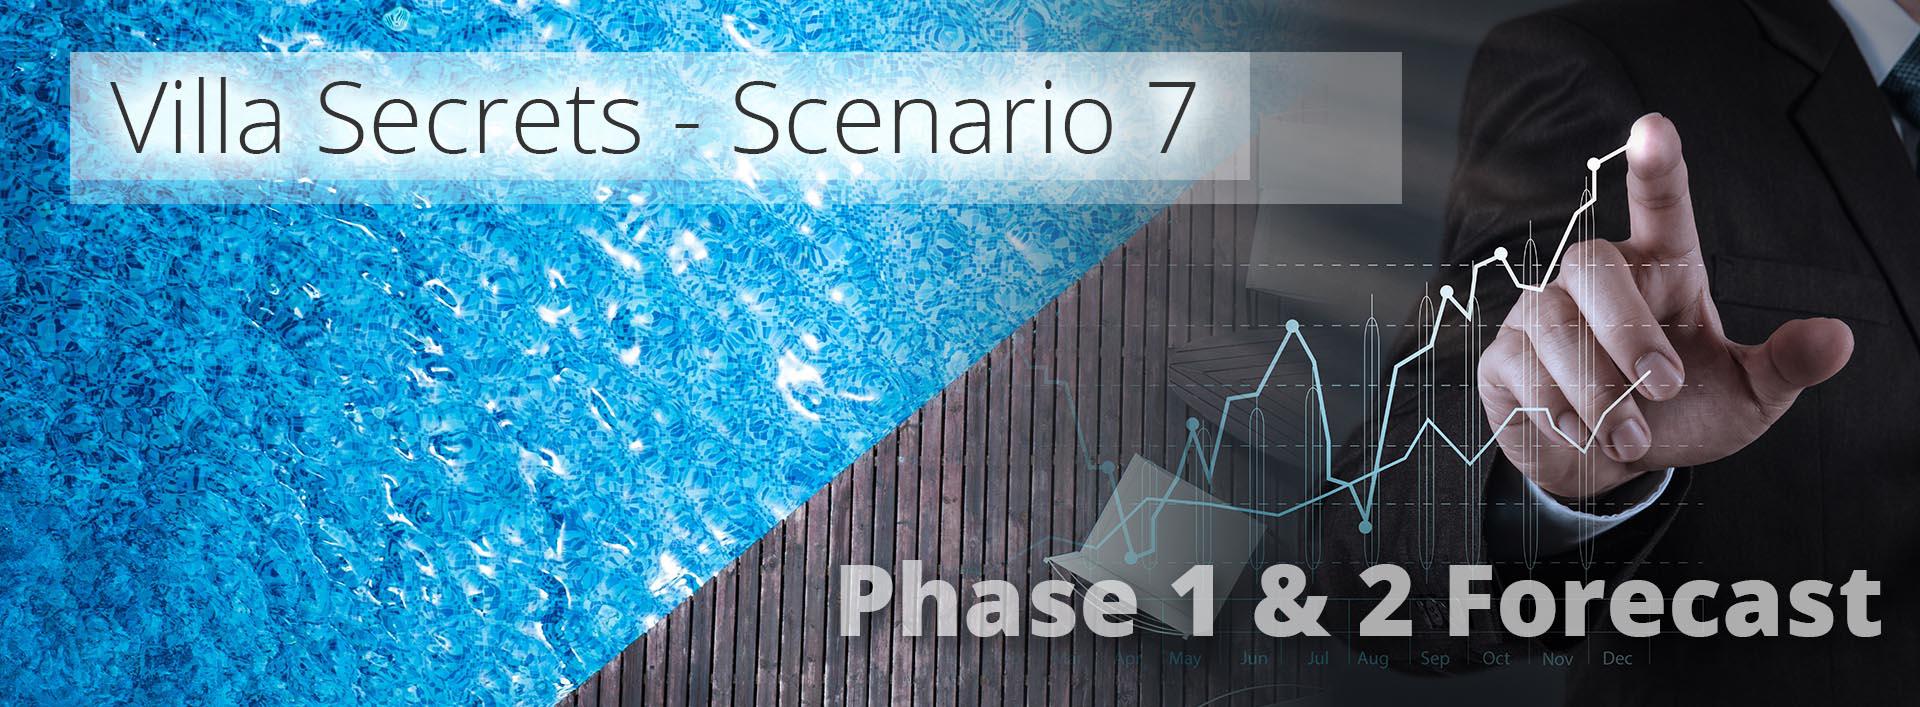 Villa Secrets - Scenario 7